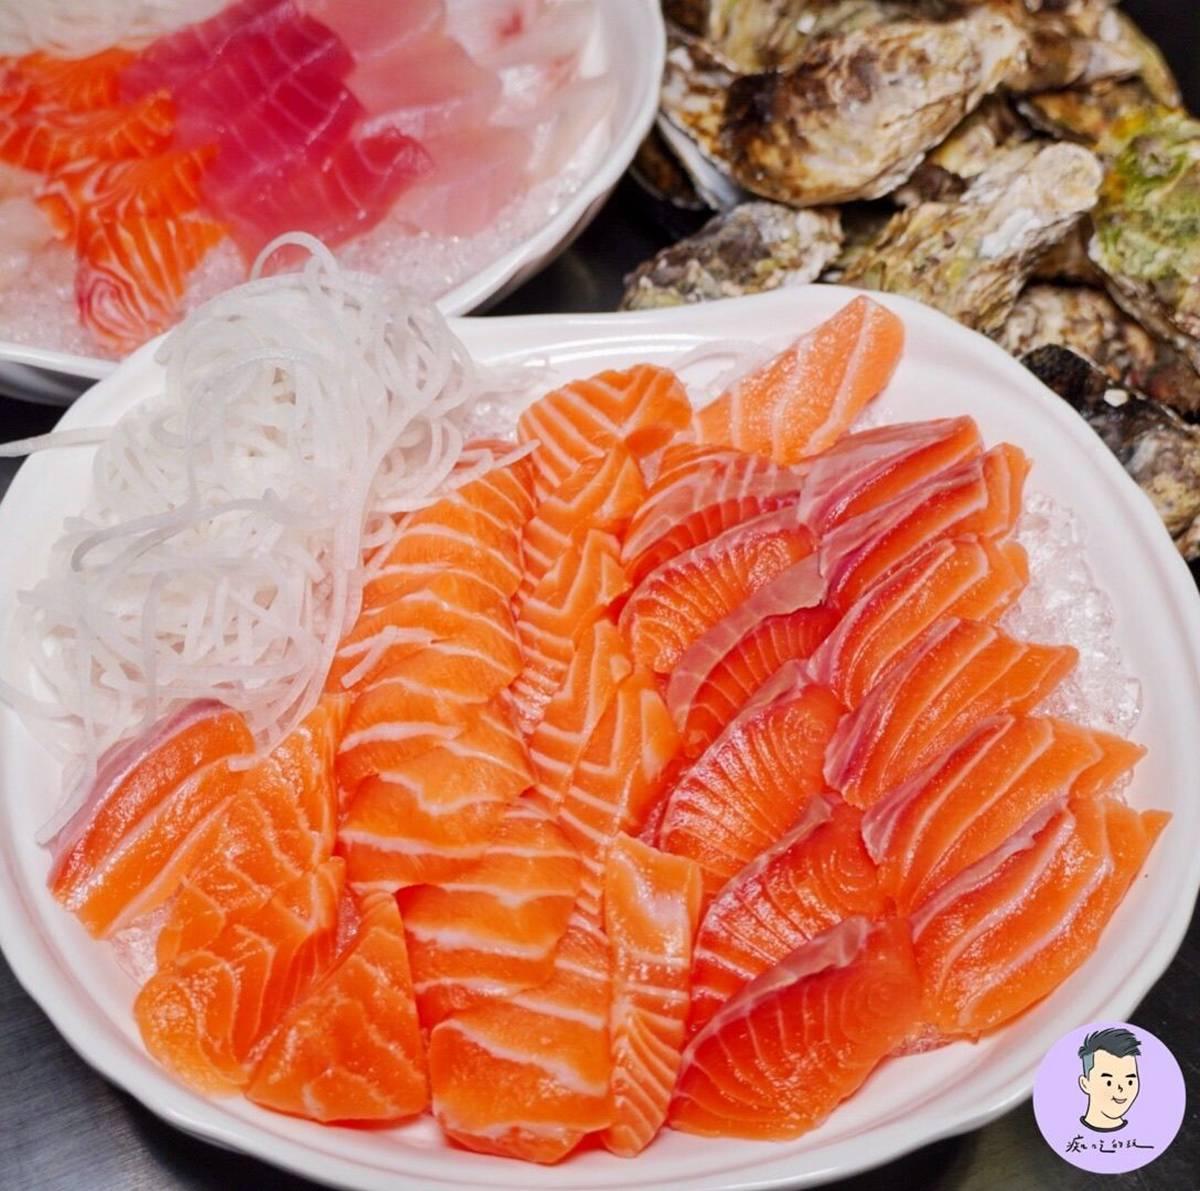 台南也有5元生魚片!20片100元還不快吃爆,加碼厚切鮭魚30片只要250元